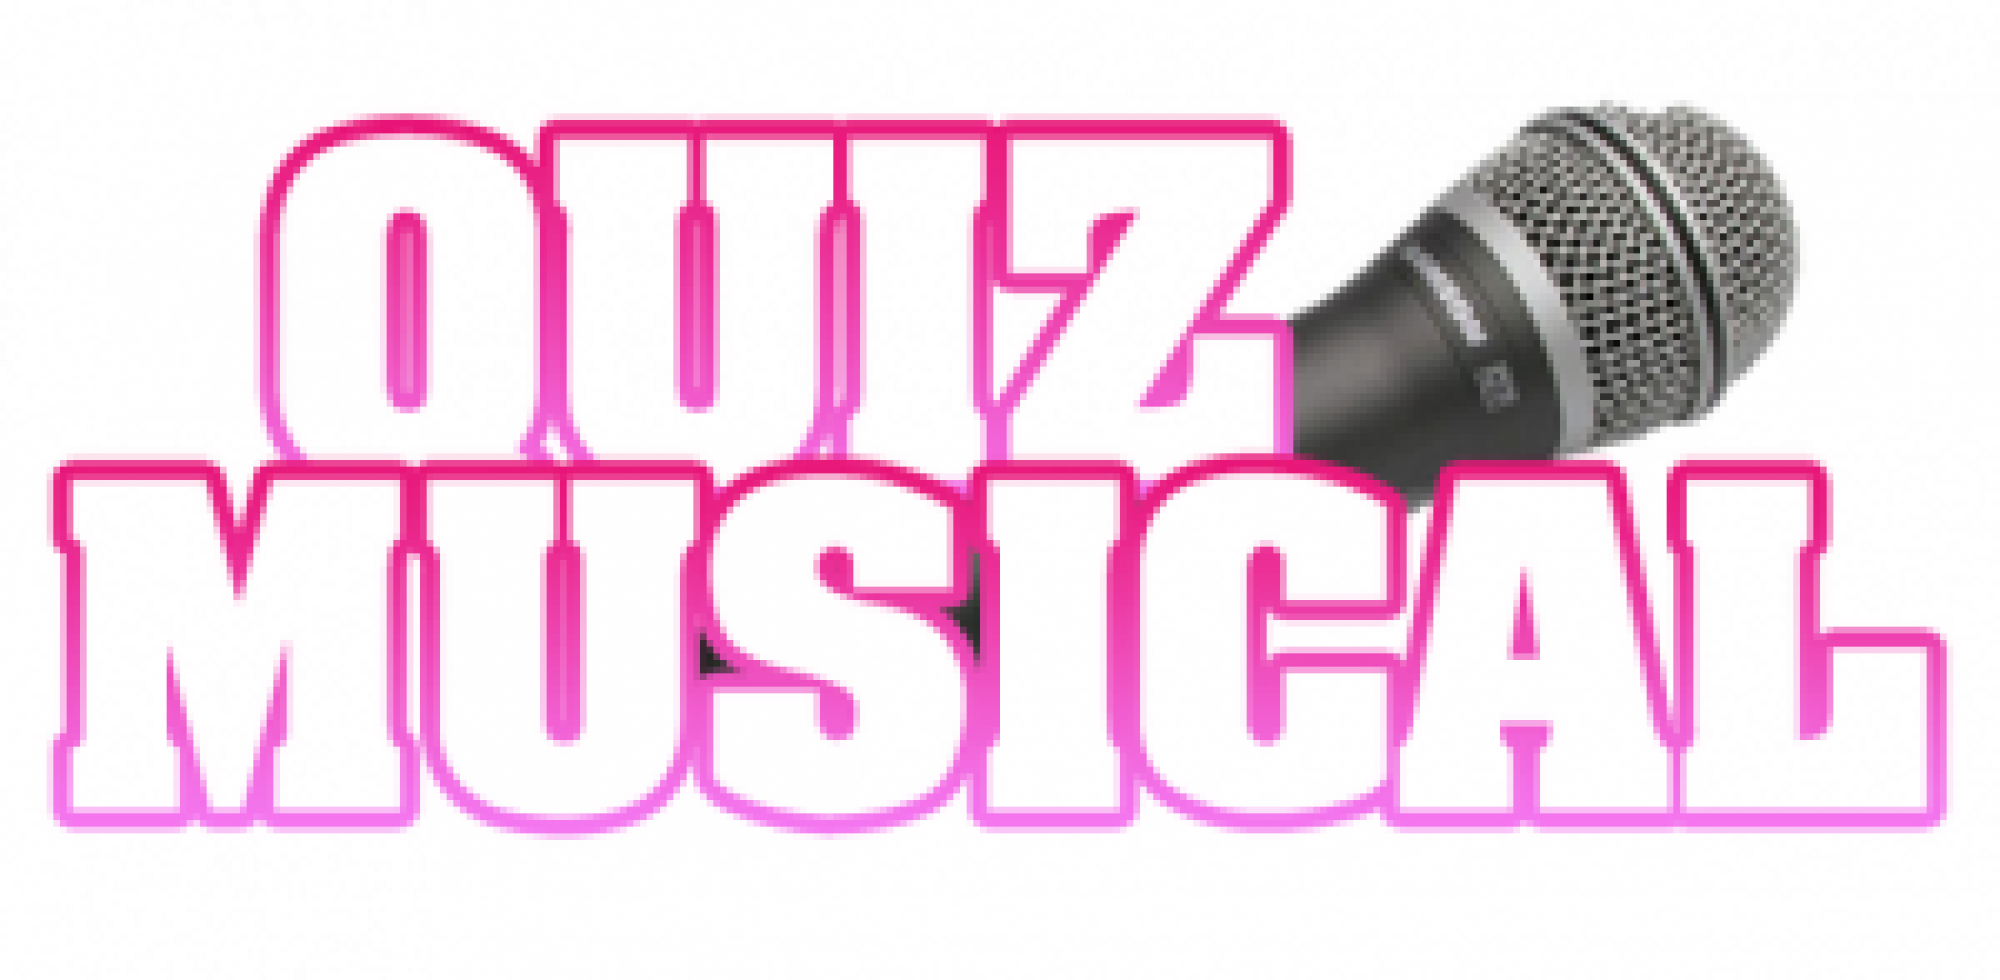 le quizz musical on distribue des bracelets fluo effet garantie il est possible de distribuer des objets publicitaires et autre lots aux gagnants - Quizz Musical Mariage